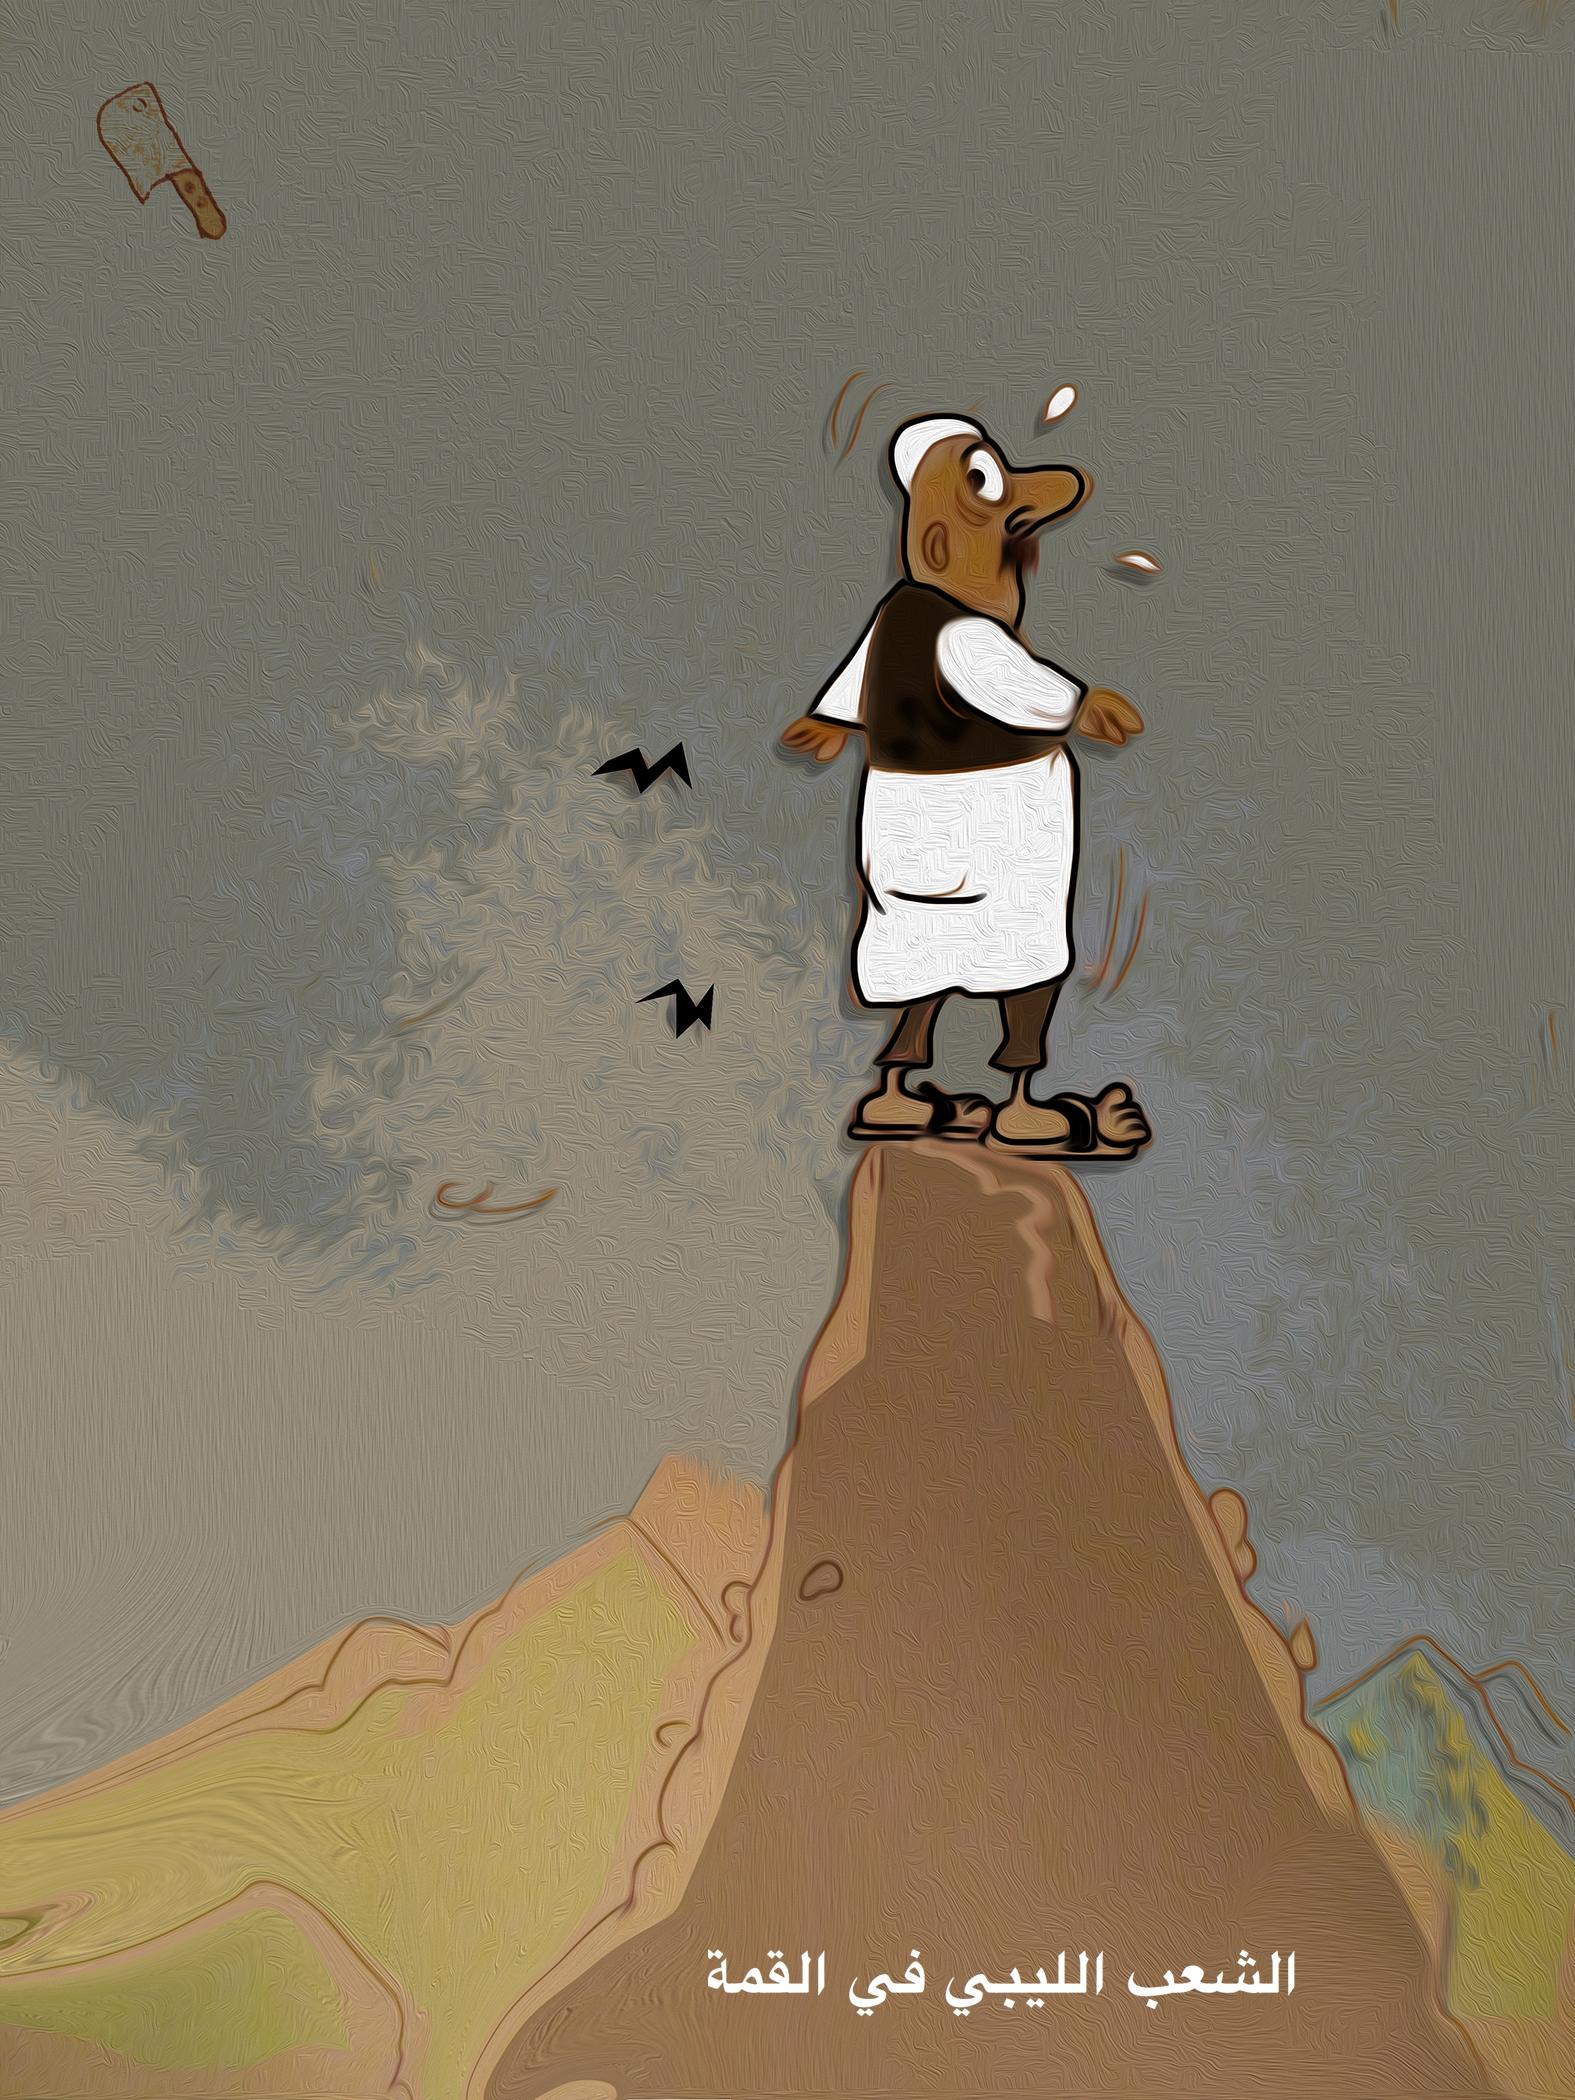 من ارشيف الساطور: الشعب الليبي في القمة